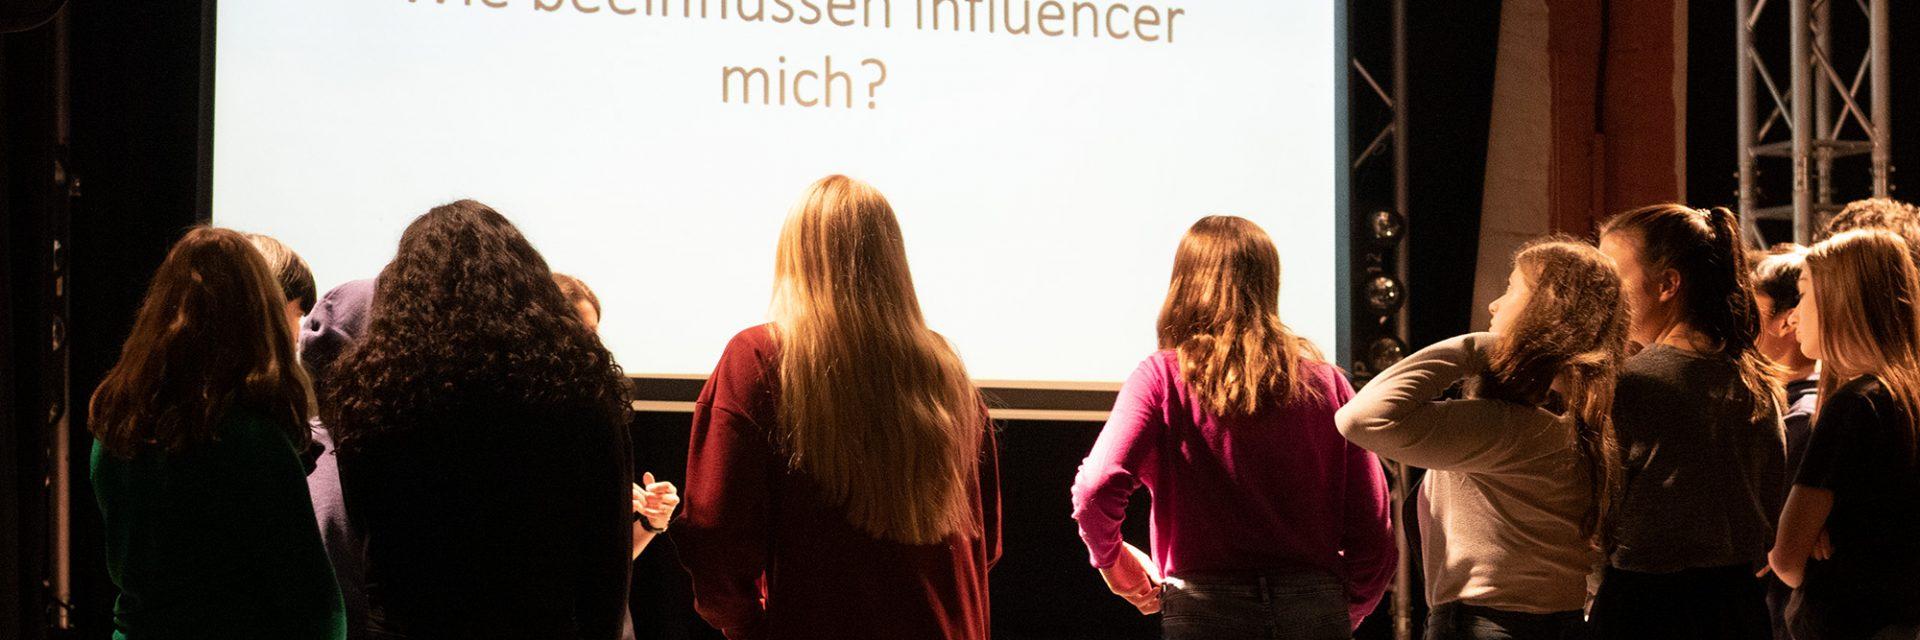 """Sechs Mädchen stehen mit dem Rücken zur Kamera und schauen auf eine Leinwand, auf der die Frage """"Wie beeinflussen Influencer mich"""" steht."""